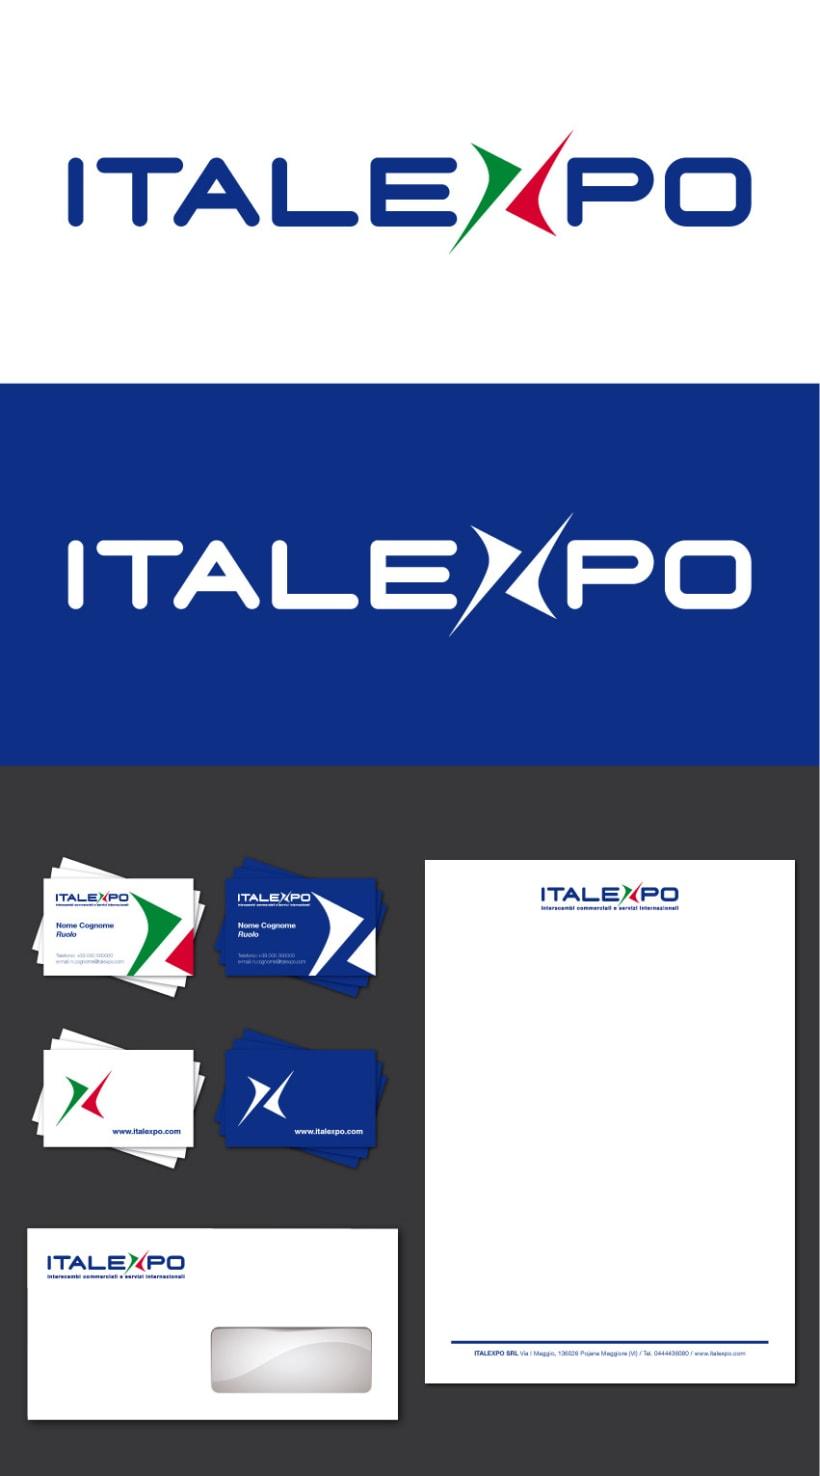 Italexpo 1